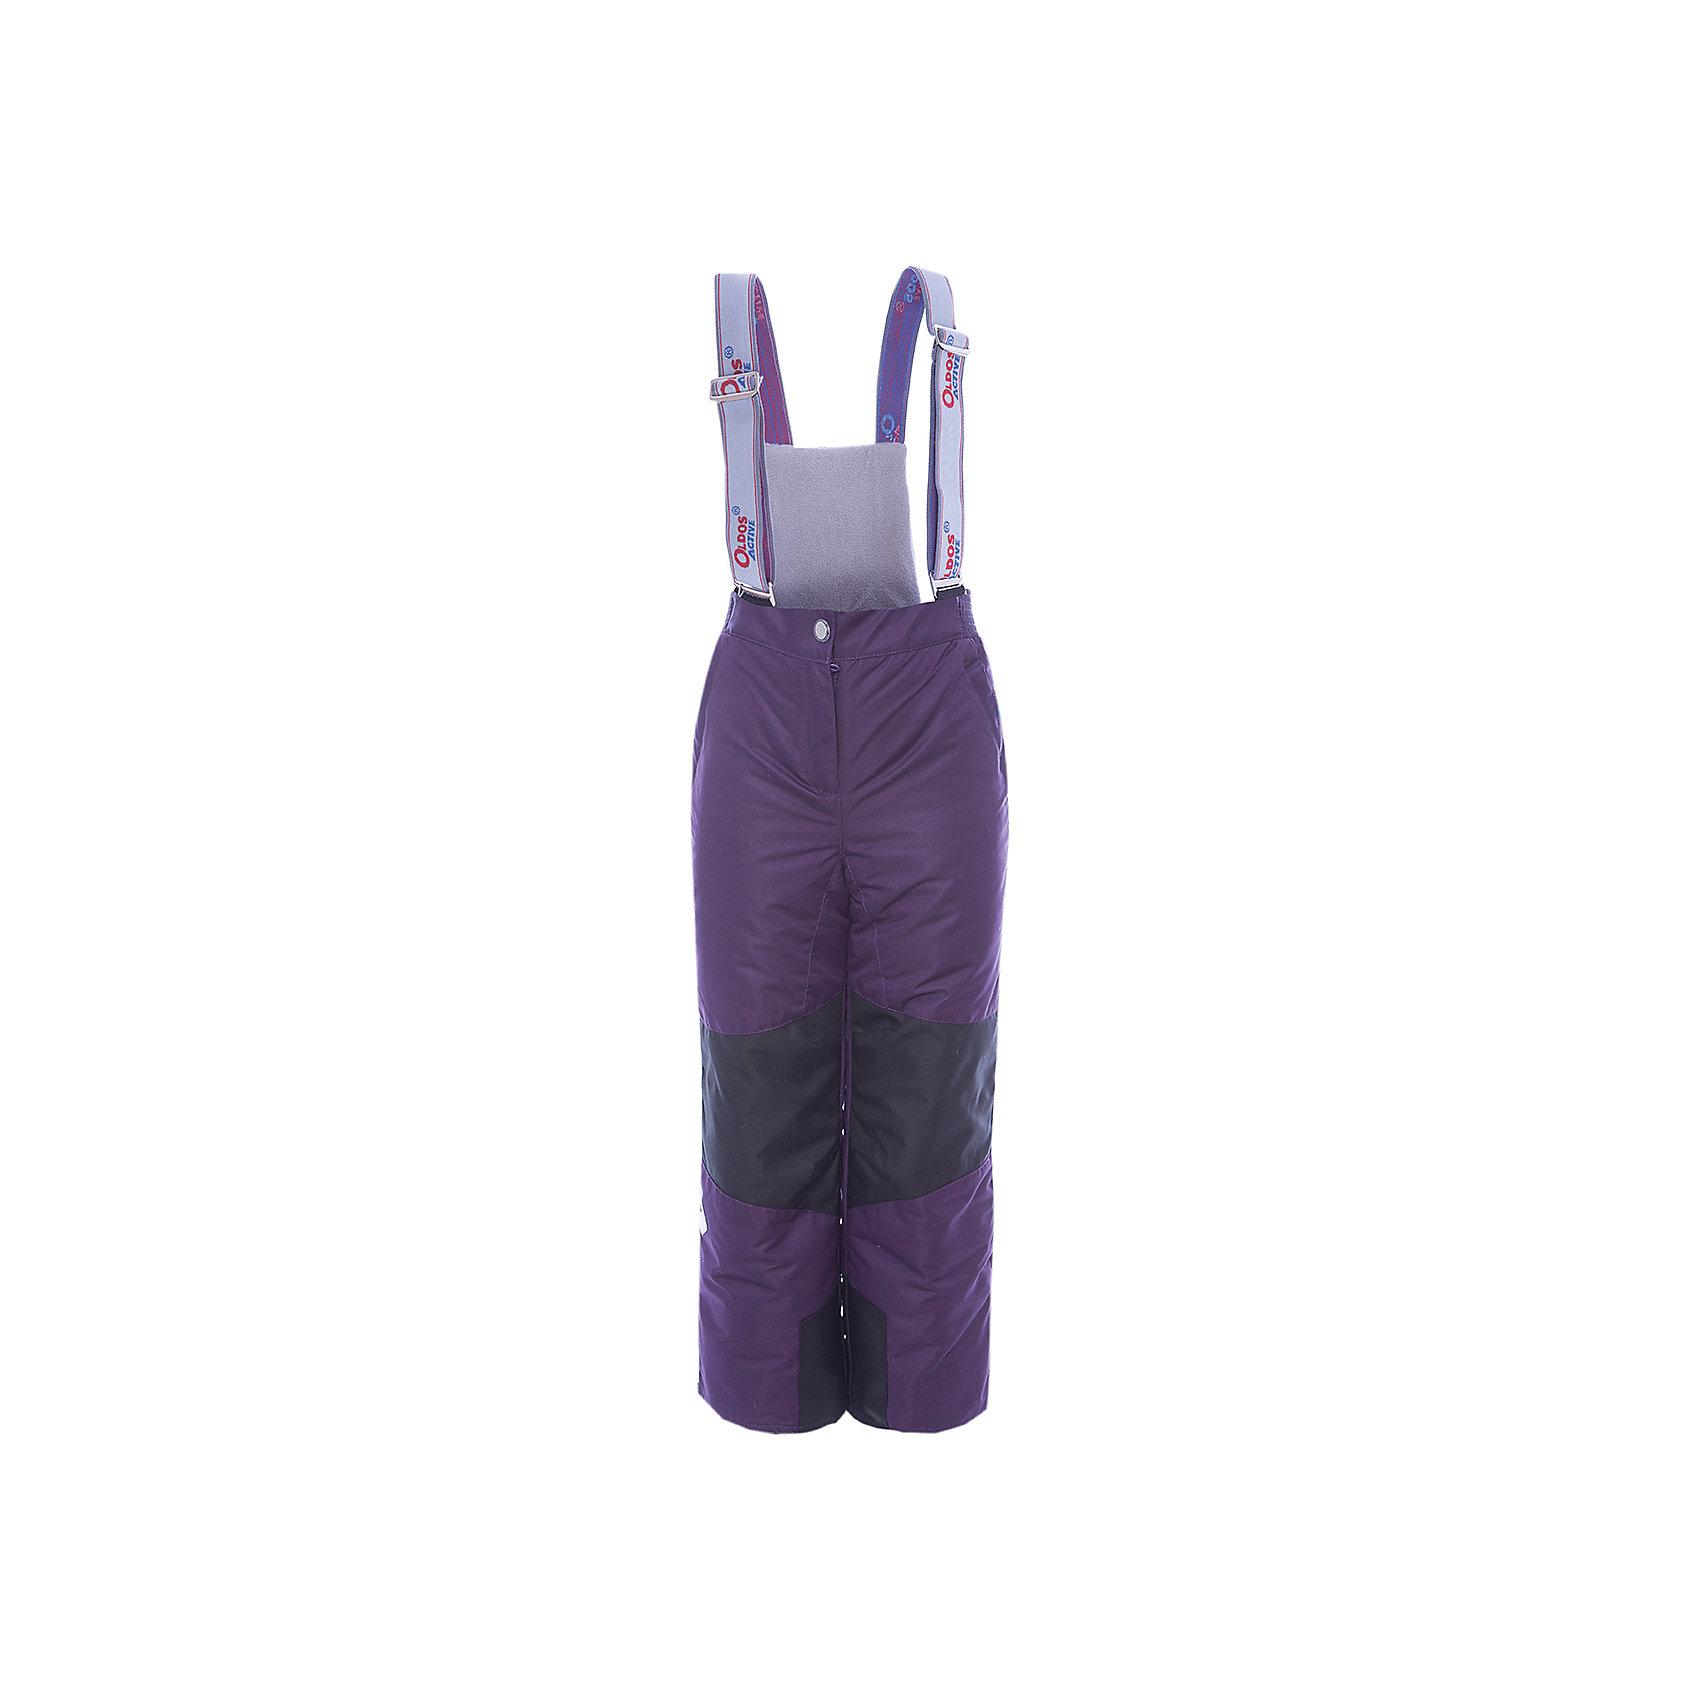 Брюки Эмма OLDOS для девочкиВерхняя одежда<br>Характеристики товара:<br><br>• цвет: фиолетовый<br>• состав ткани: полиэстер, Teflon<br>• подкладка: полиэстер<br>• утеплитель: Hollofan pro<br>• сезон: зима<br>• мембранное покрытие<br>• температурный режим: от -30 до +5<br>• водонепроницаемость: 5000 мм <br>• паропроницаемость: 5000 г/м2<br>• плотность утеплителя: 150 г/м2<br>• застежка: молния, кнопка, липучка<br>• спинка с лямками: съемные<br>• износостойкая ткань по низу брючин<br>• страна бренда: Россия<br>• страна изготовитель: Россия<br><br>В этих детских брюках - тонкий гипоаллергенный утеплитель, который отлично удерживает тепло. Мембранный верх брюк создает комфортный для ребенка микроклимат. Зимние брюки Oldos имеют противоснежные муфты с антискользящей резинкой, усиление на коленях и внизу брючин от износа и съемную спинку с регулируемыми лямками.<br><br>Брюки Эмма Oldos (Олдос) для девочки можно купить в нашем интернет-магазине.<br><br>Ширина мм: 215<br>Глубина мм: 88<br>Высота мм: 191<br>Вес г: 336<br>Цвет: лиловый<br>Возраст от месяцев: 132<br>Возраст до месяцев: 144<br>Пол: Женский<br>Возраст: Детский<br>Размер: 152,92,98,104,110,116,122,128,134,140,146<br>SKU: 7015874